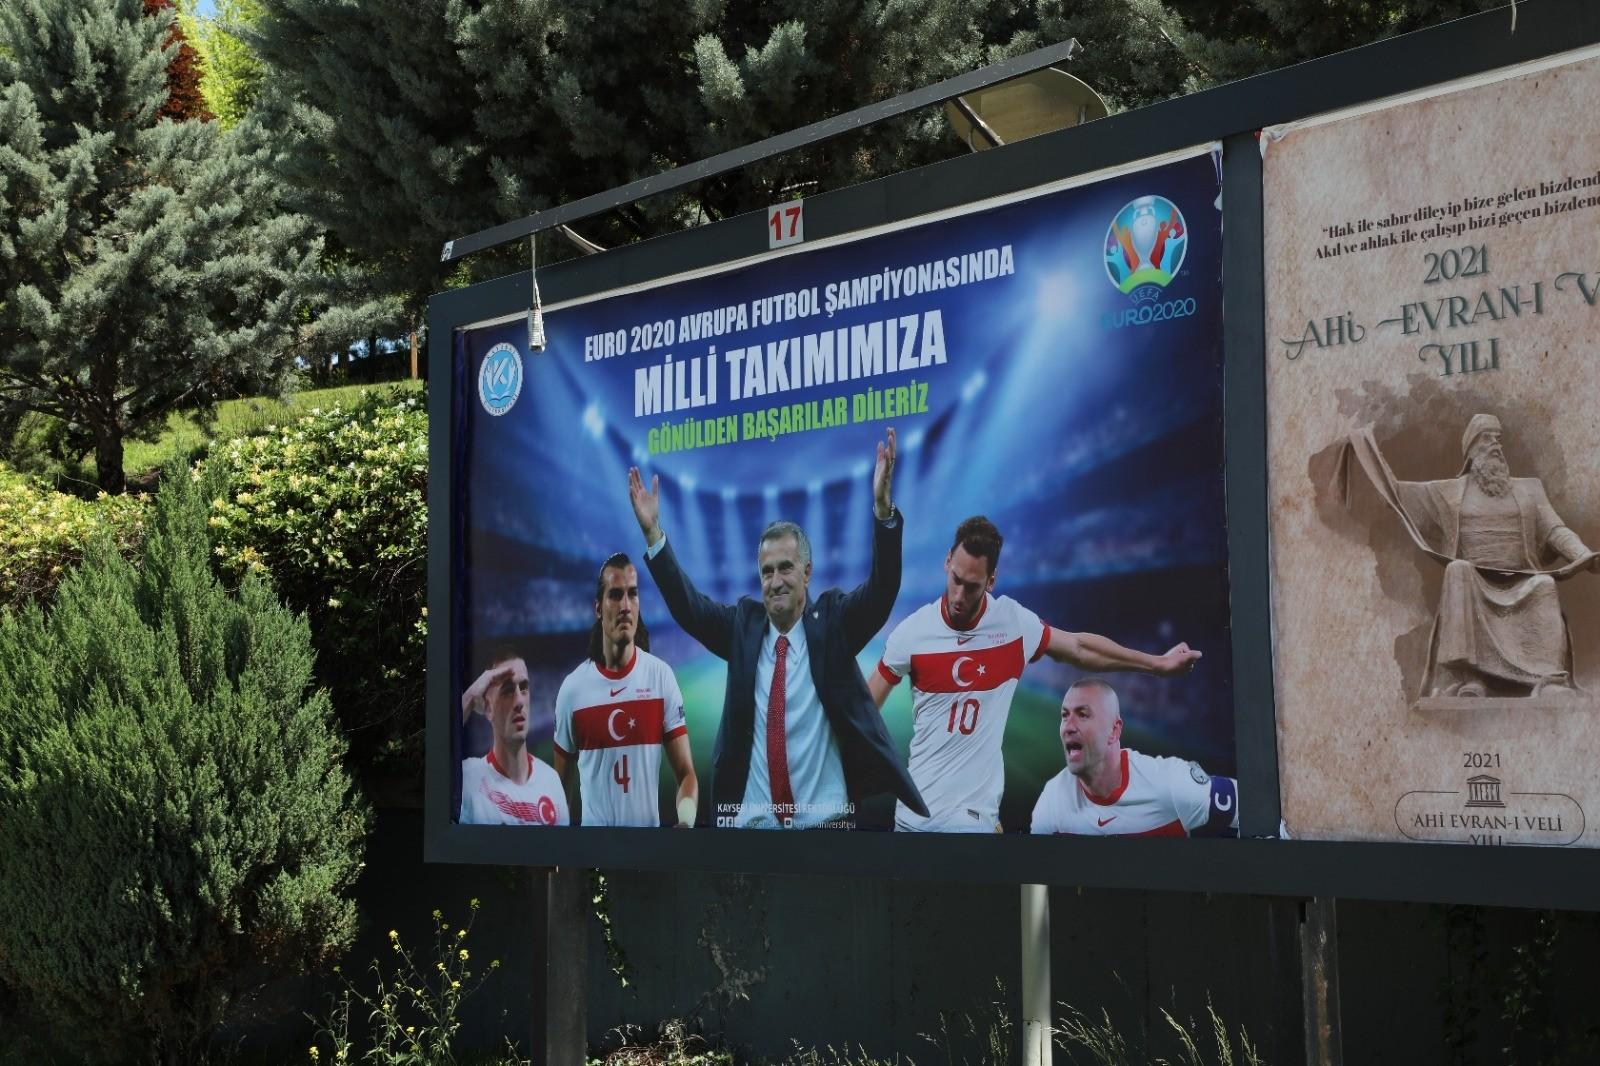 Kayseri Üniversitesi'nden Milli Takımımıza Billboardla Destek